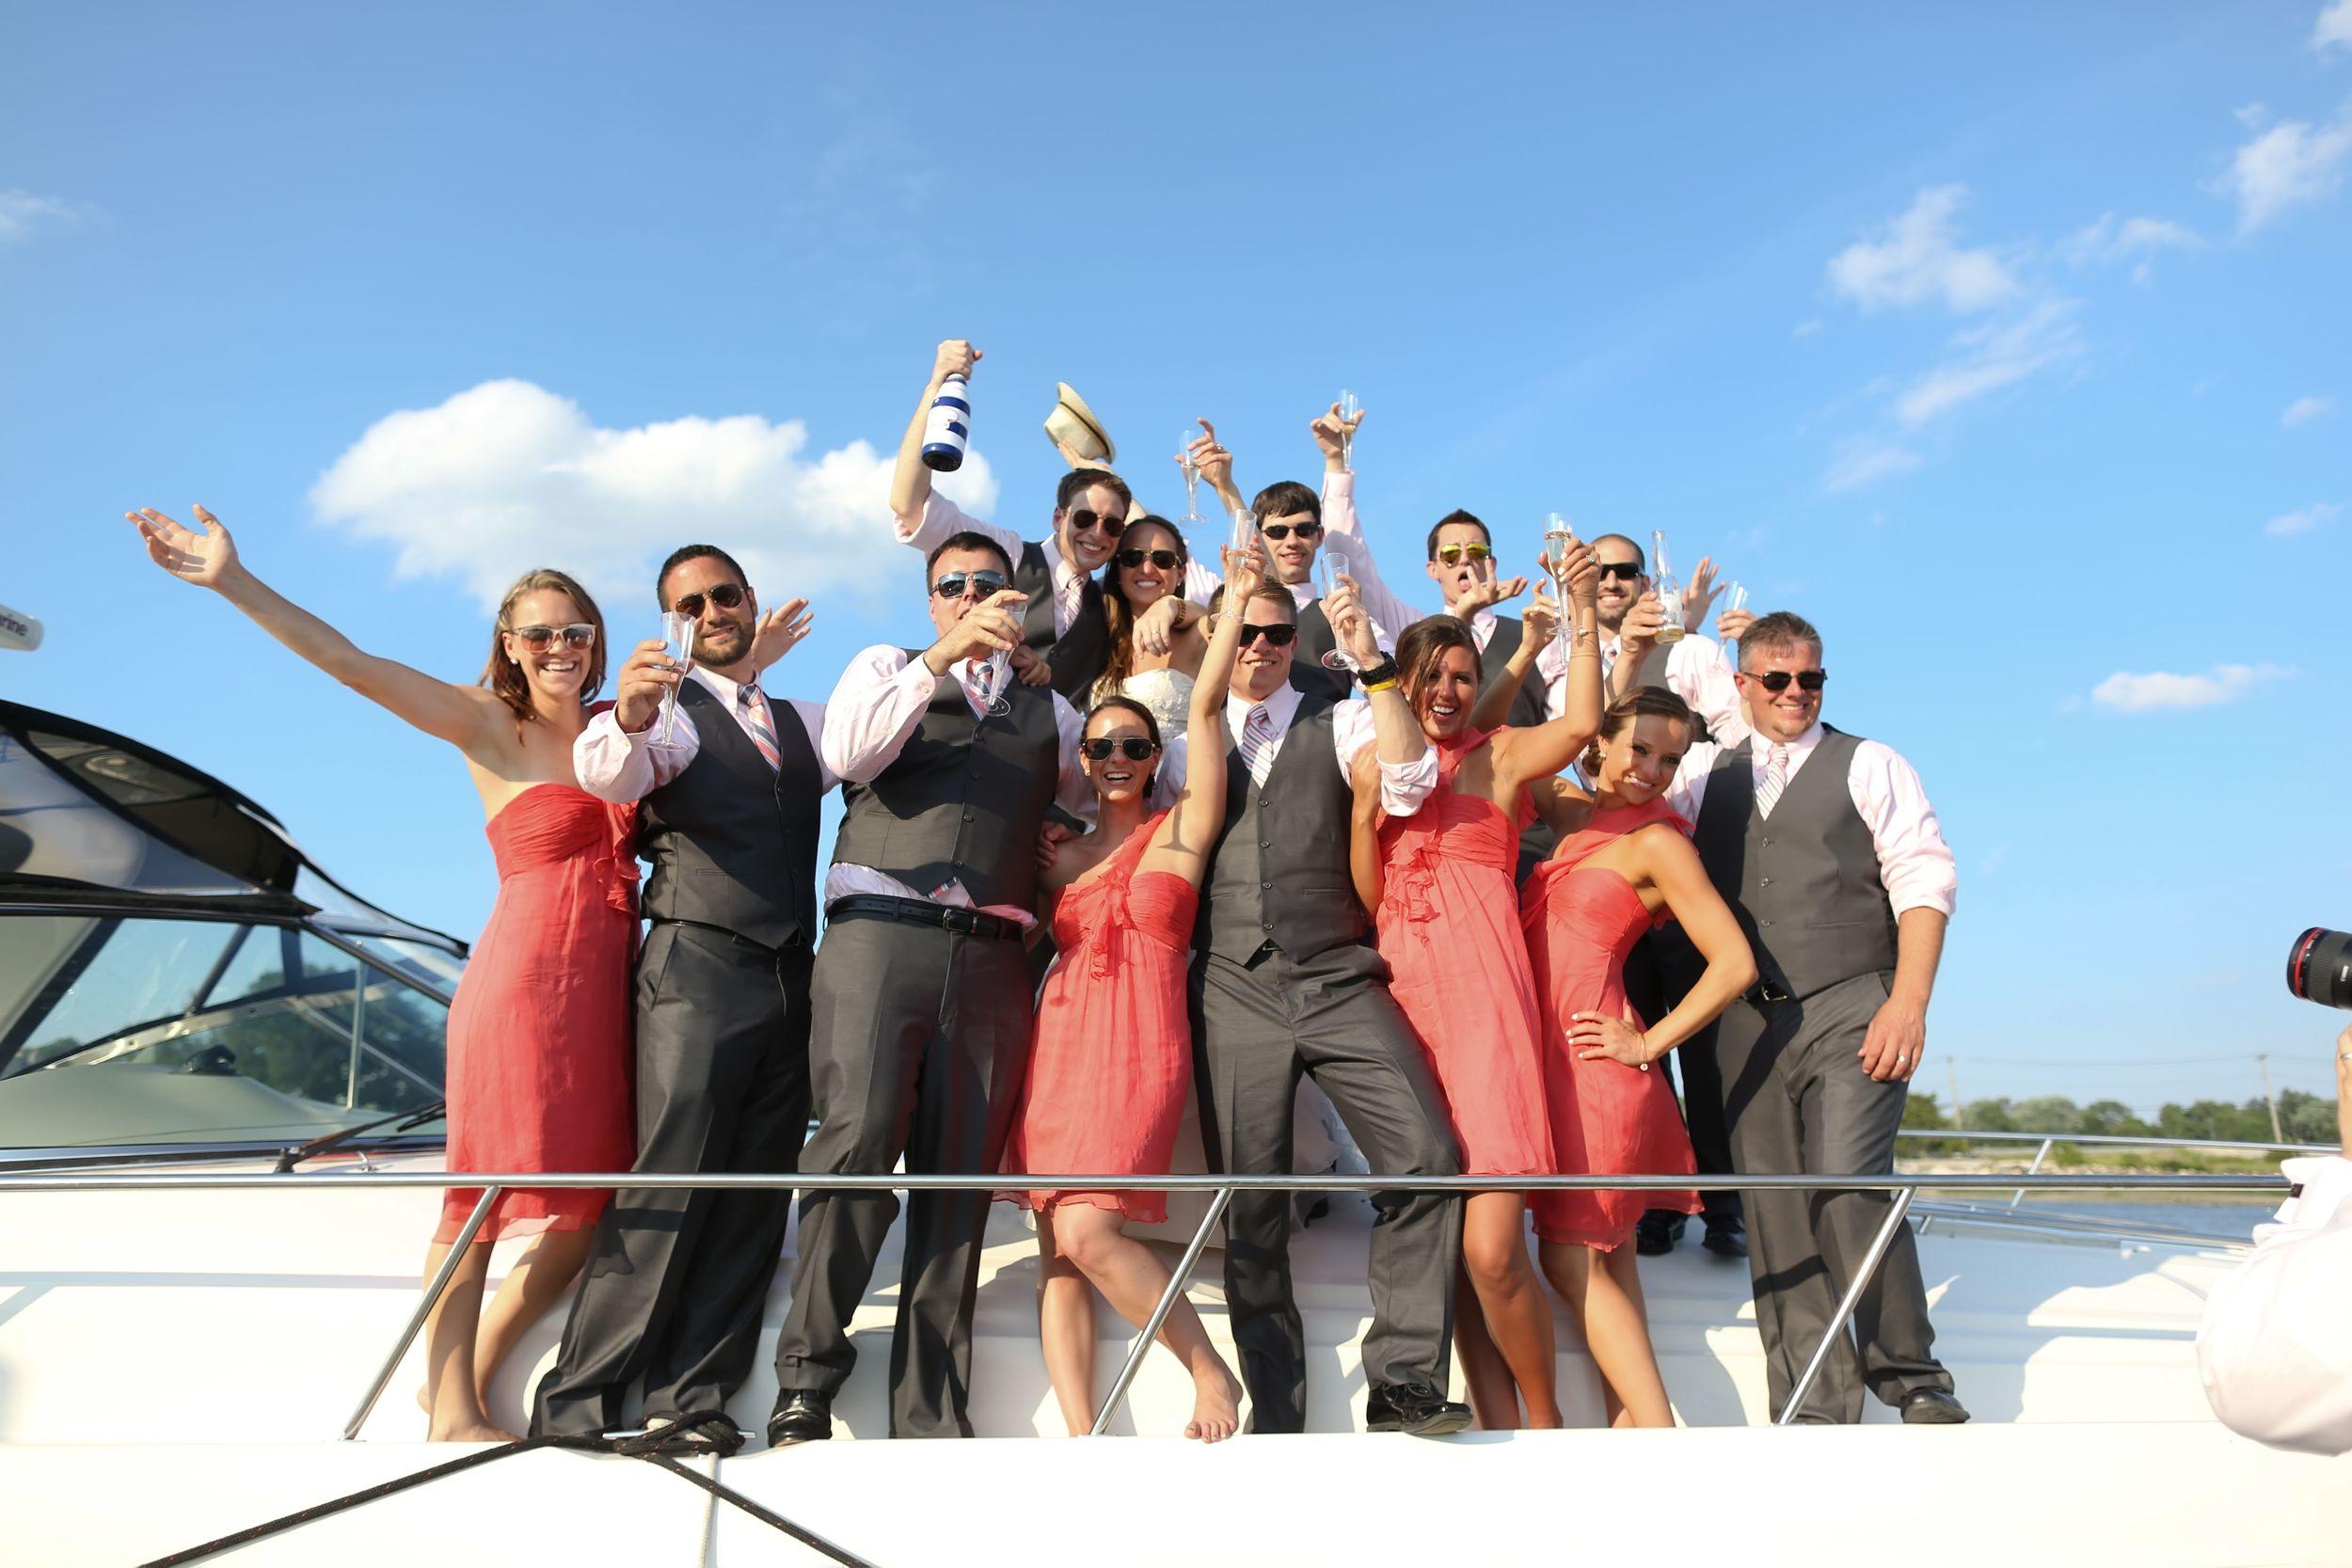 Milford Yacht Club Wedding Fairfield County Wedding Amy Champagne Events34.jpg